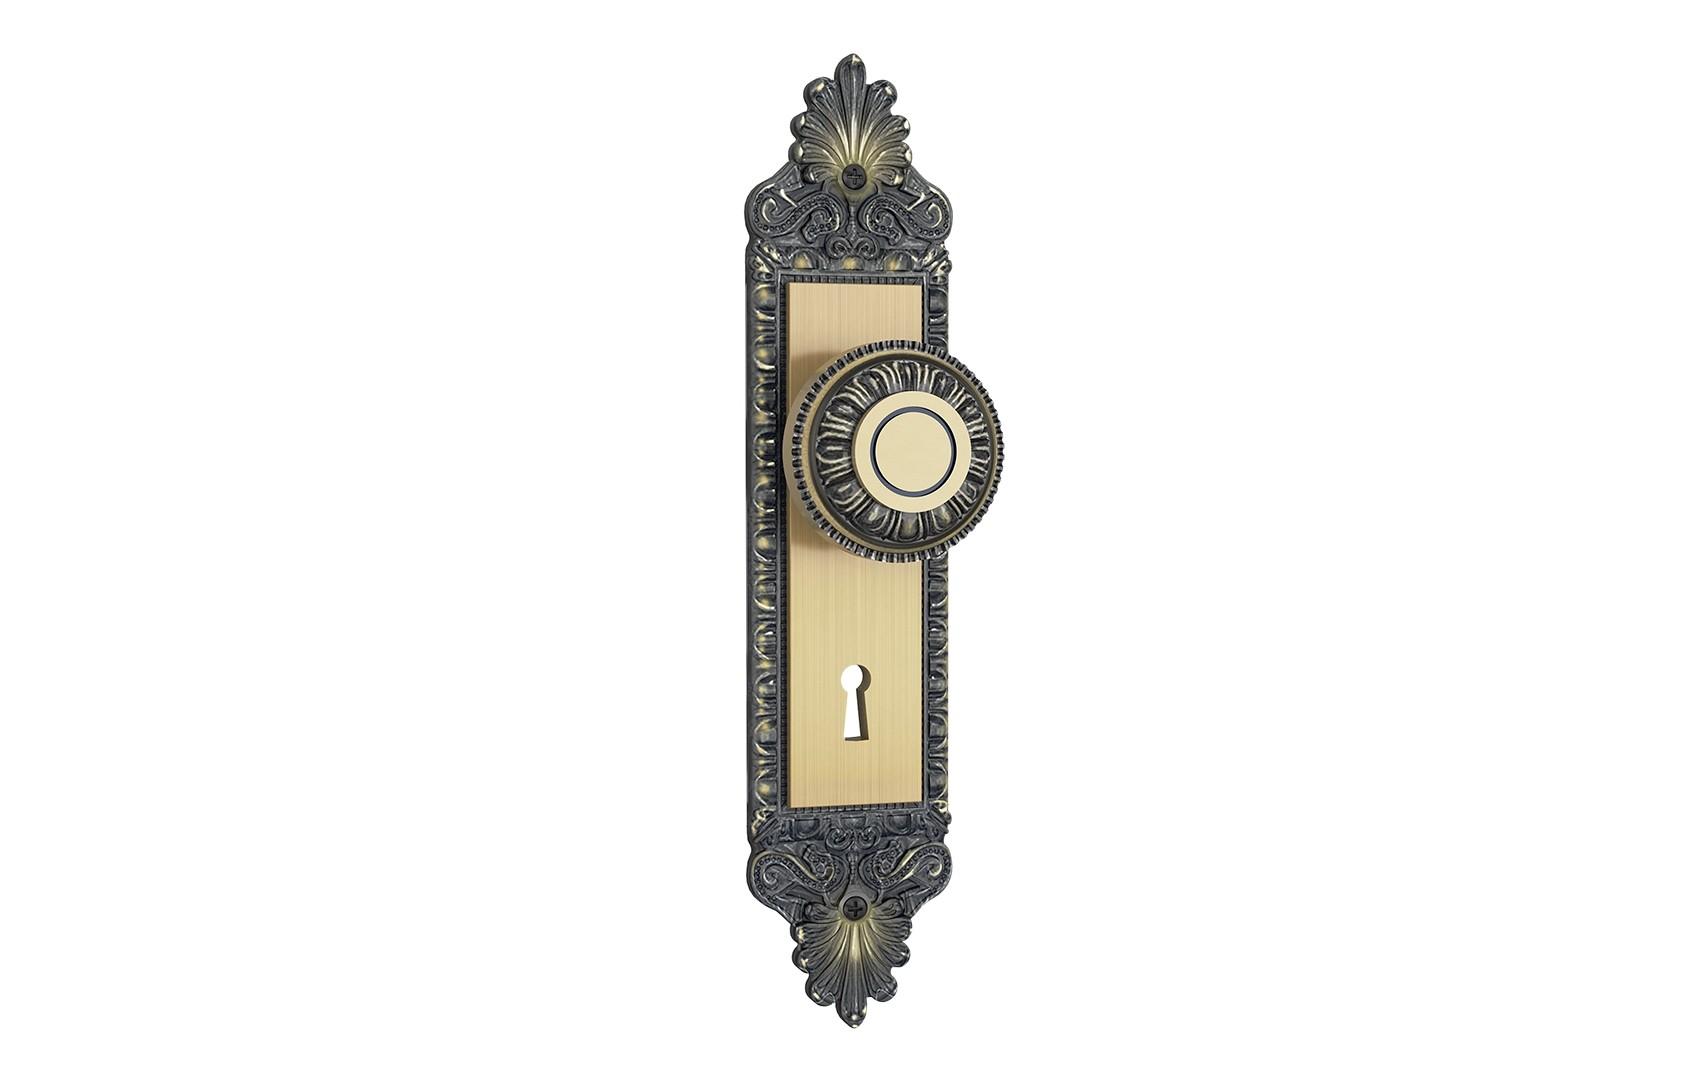 Fechadura Interna Espelho Colonial Maçaneta Bola 813/04 Stam